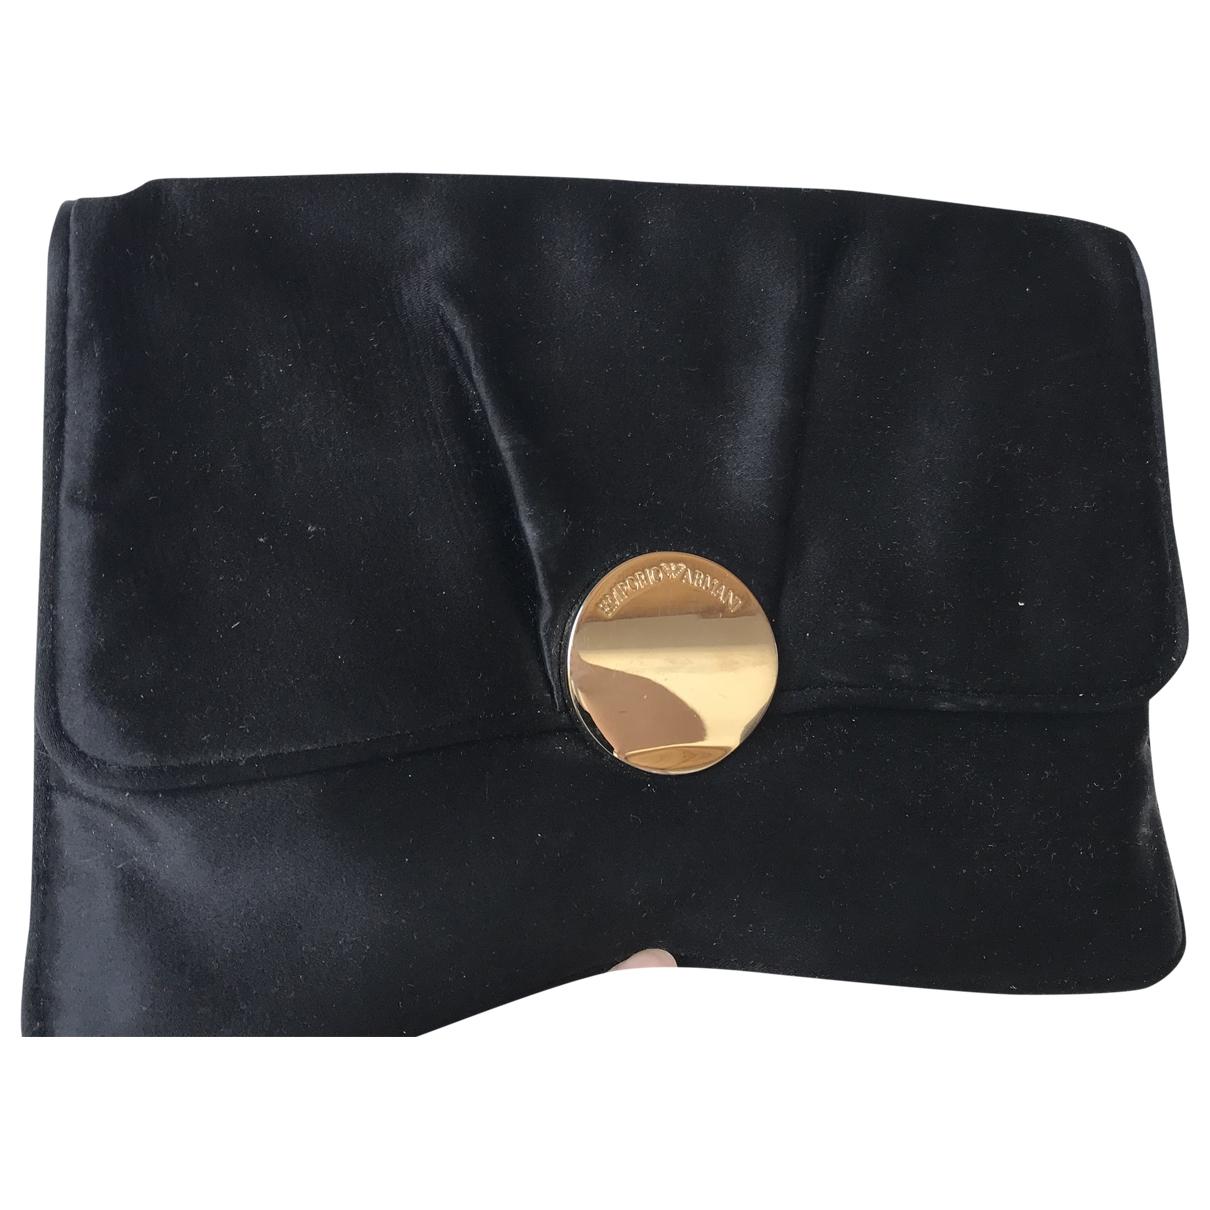 Emporio Armani - Pochette   pour femme en toile - noir